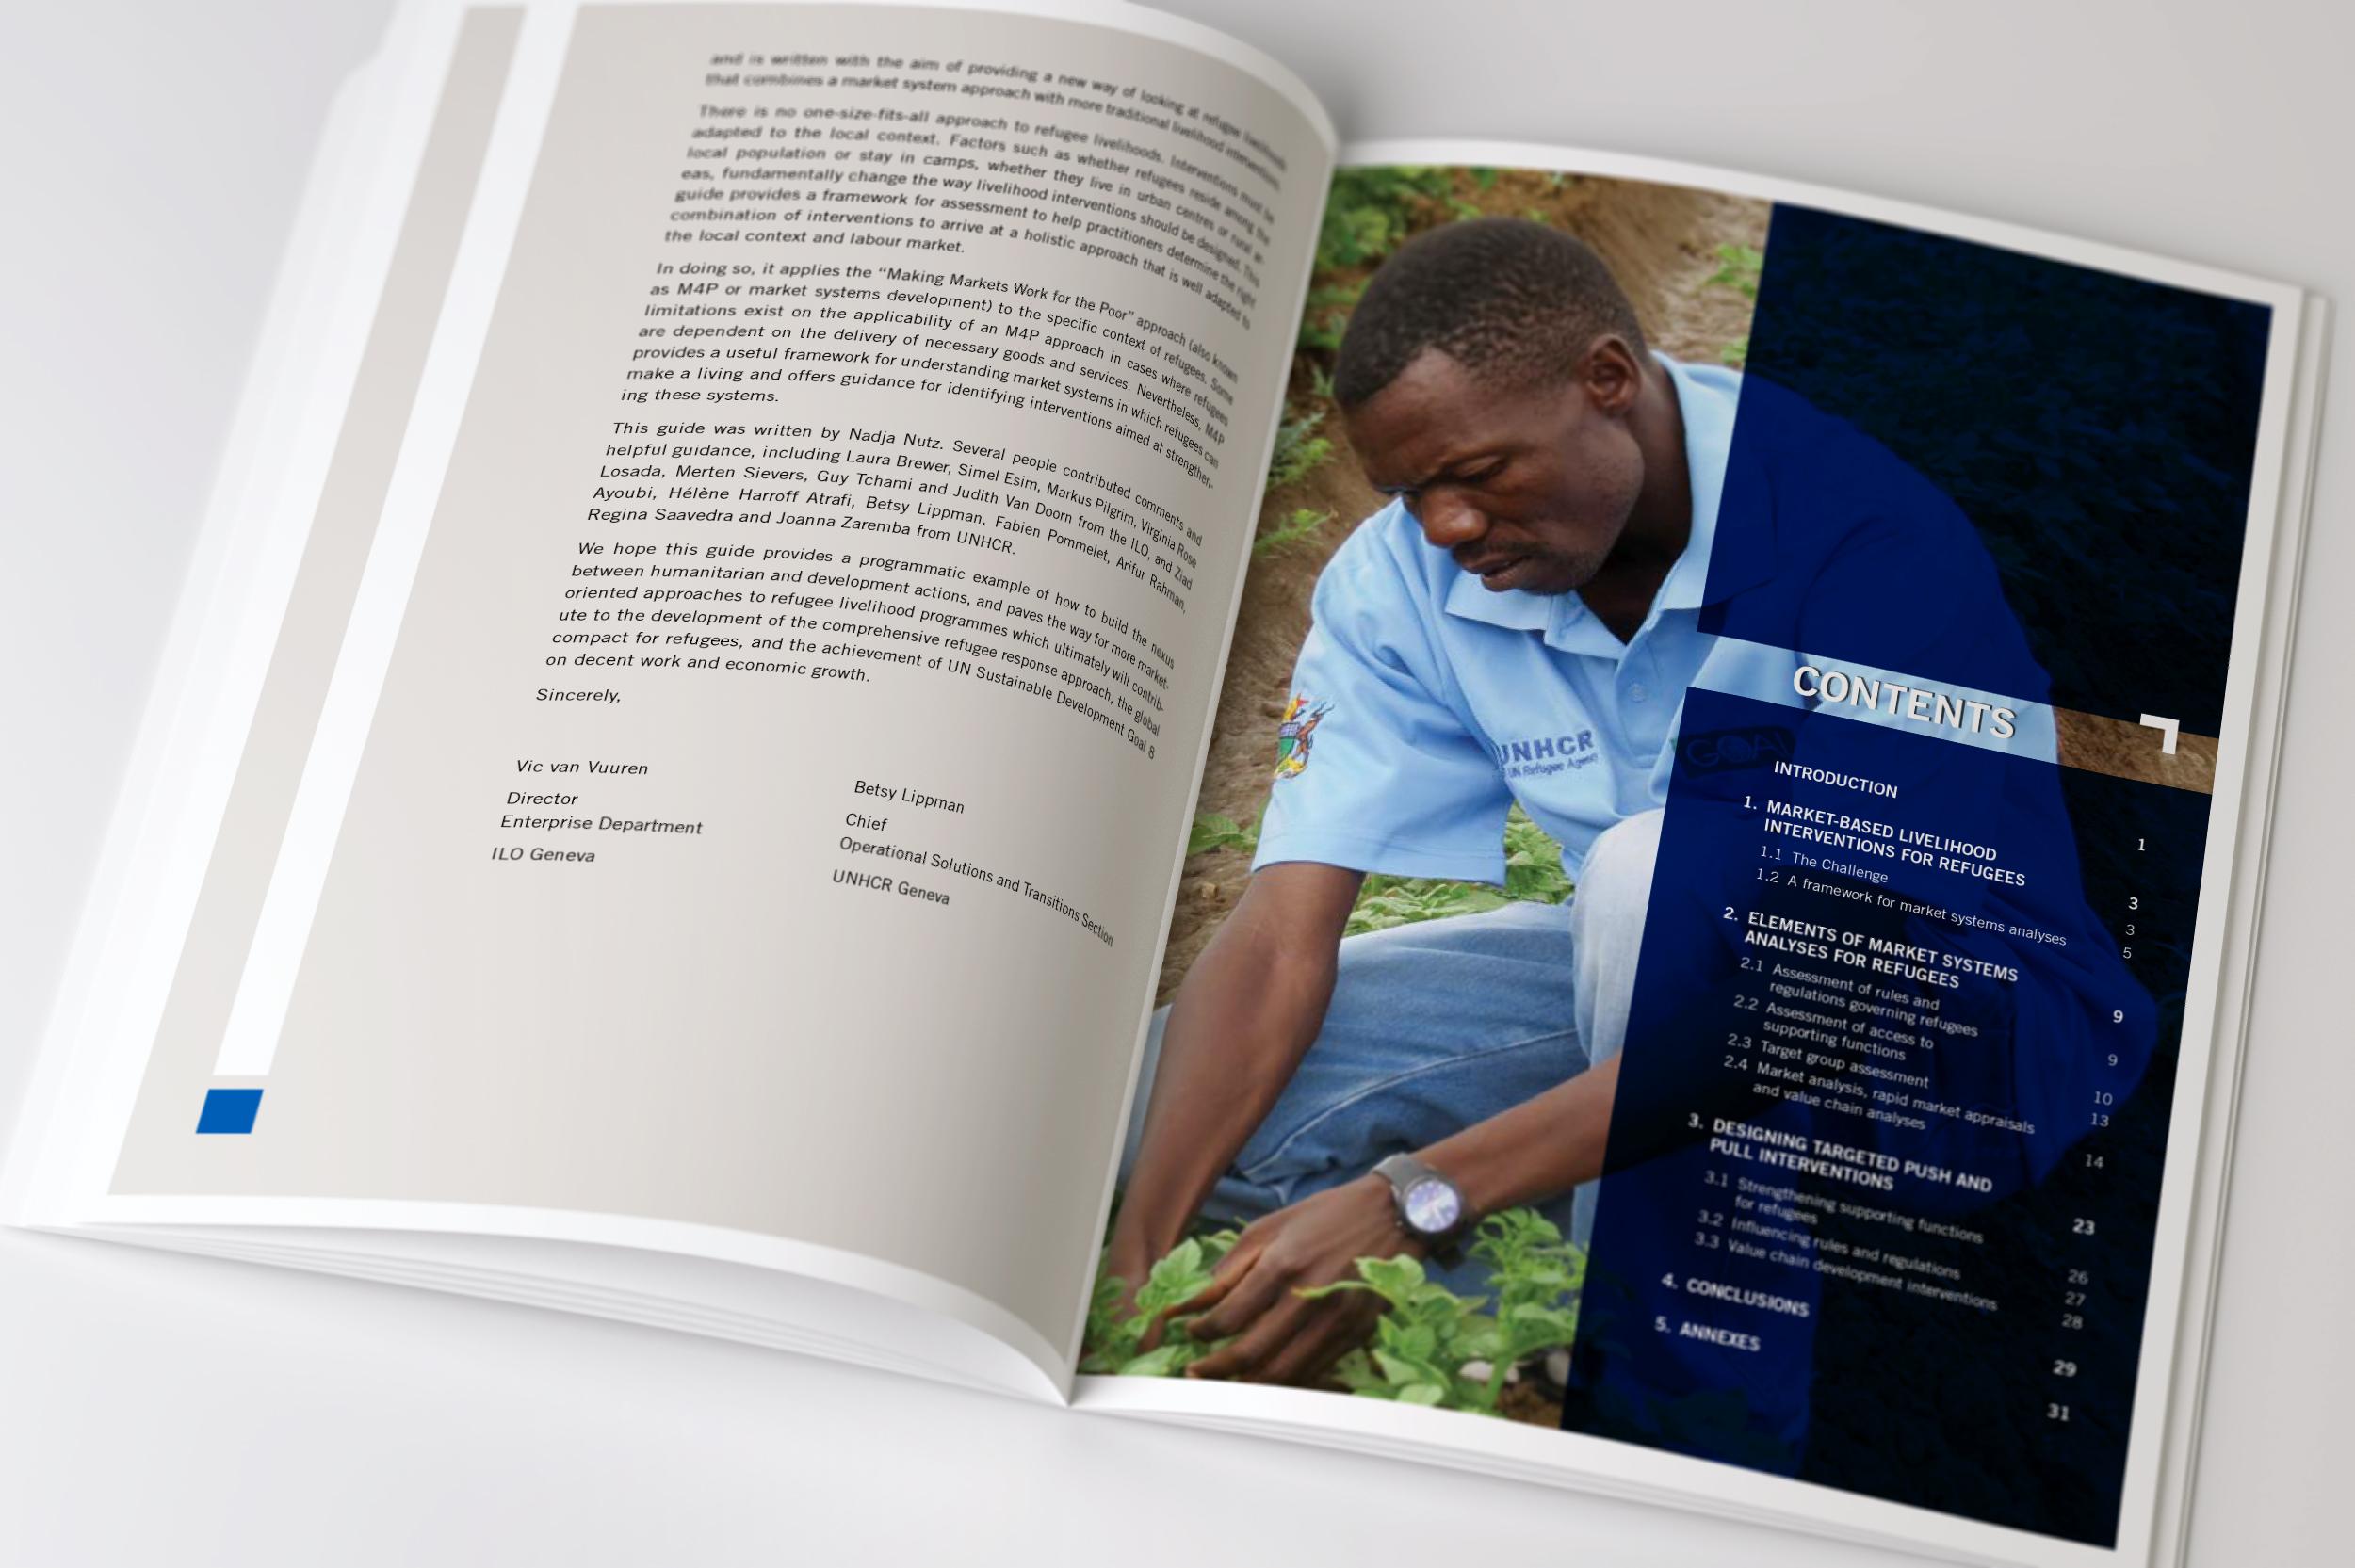 e-mage: Refugees report ILO